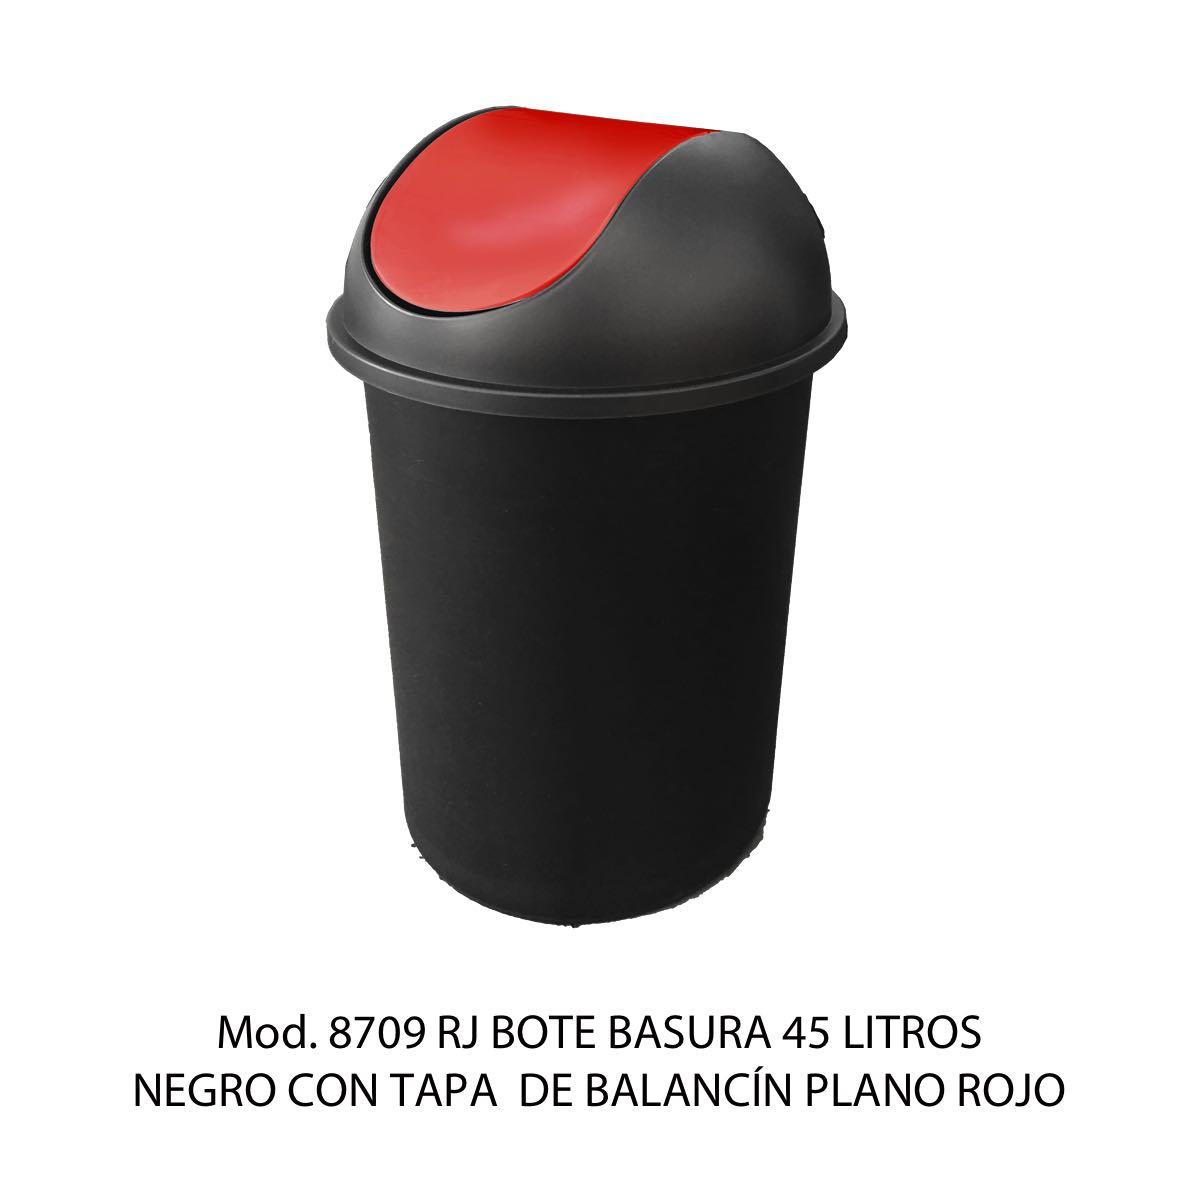 Bote de basura redondo negro de 45 litros con tapa rojo tipo balancín liso modelo 8709 RJ Sablón